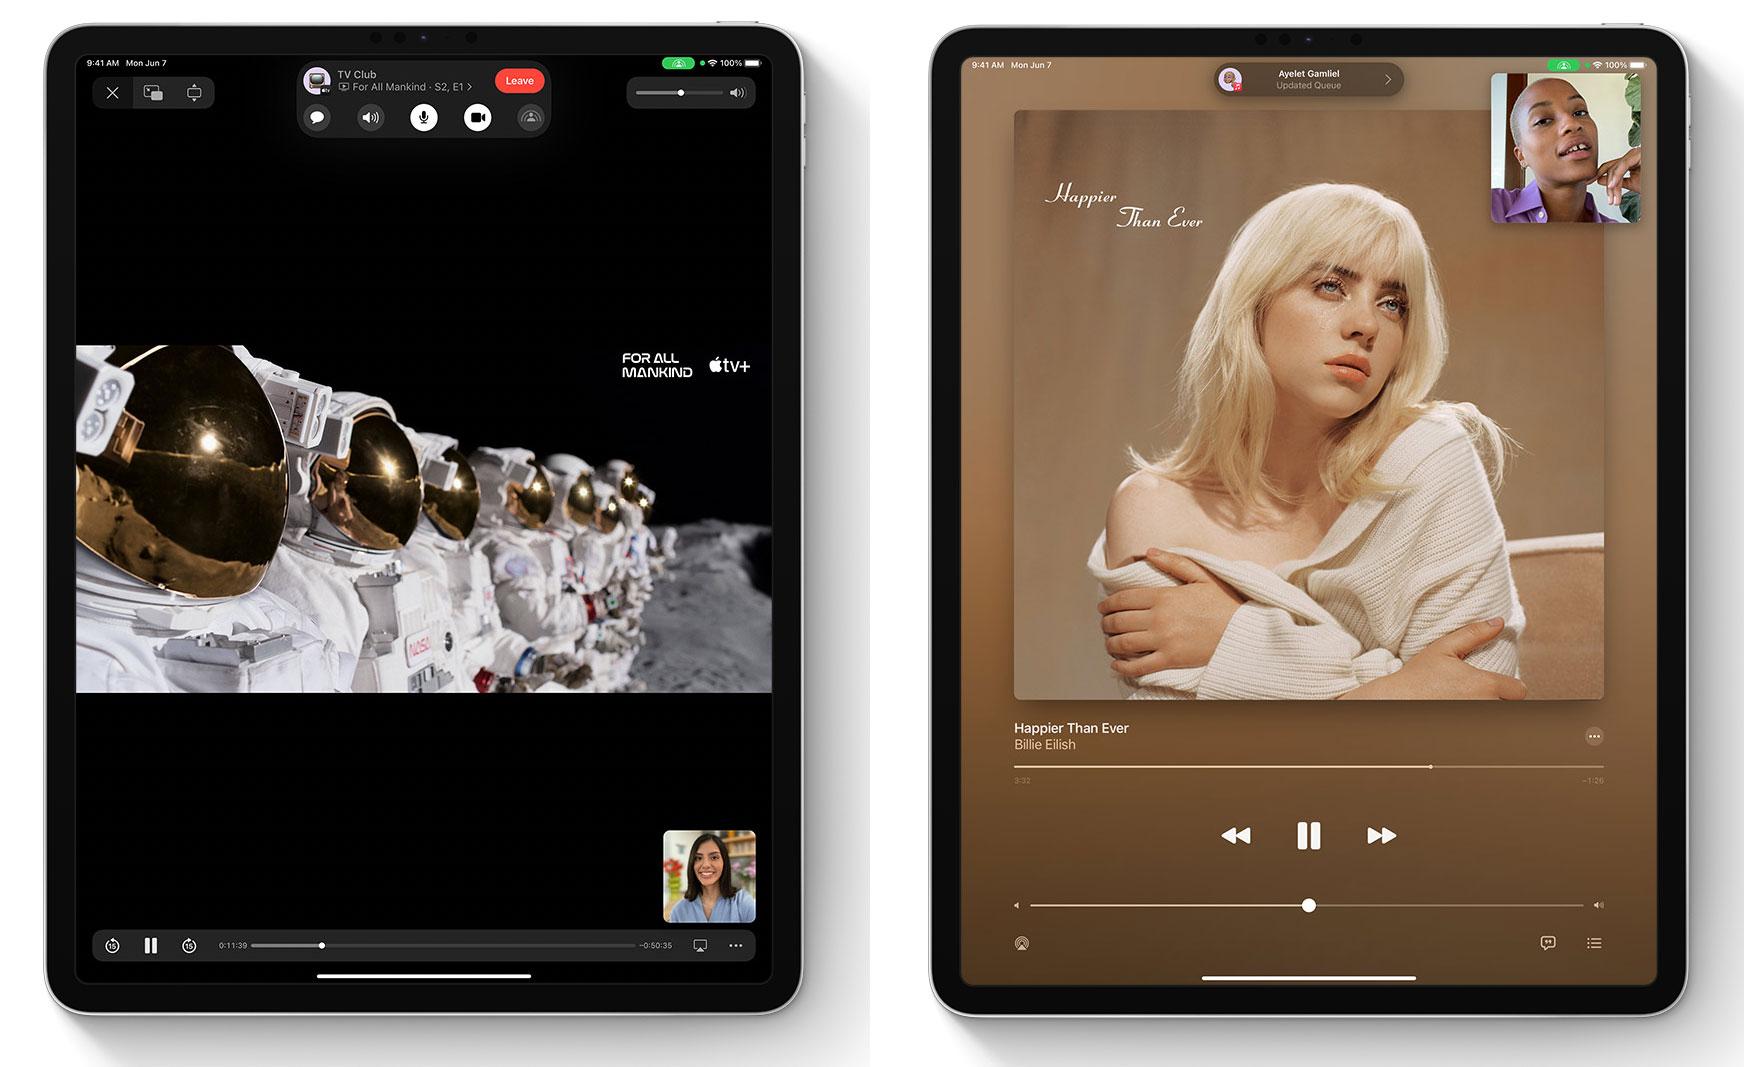 Compartiendo una serie de TV o música vía FaceTime en un iPad